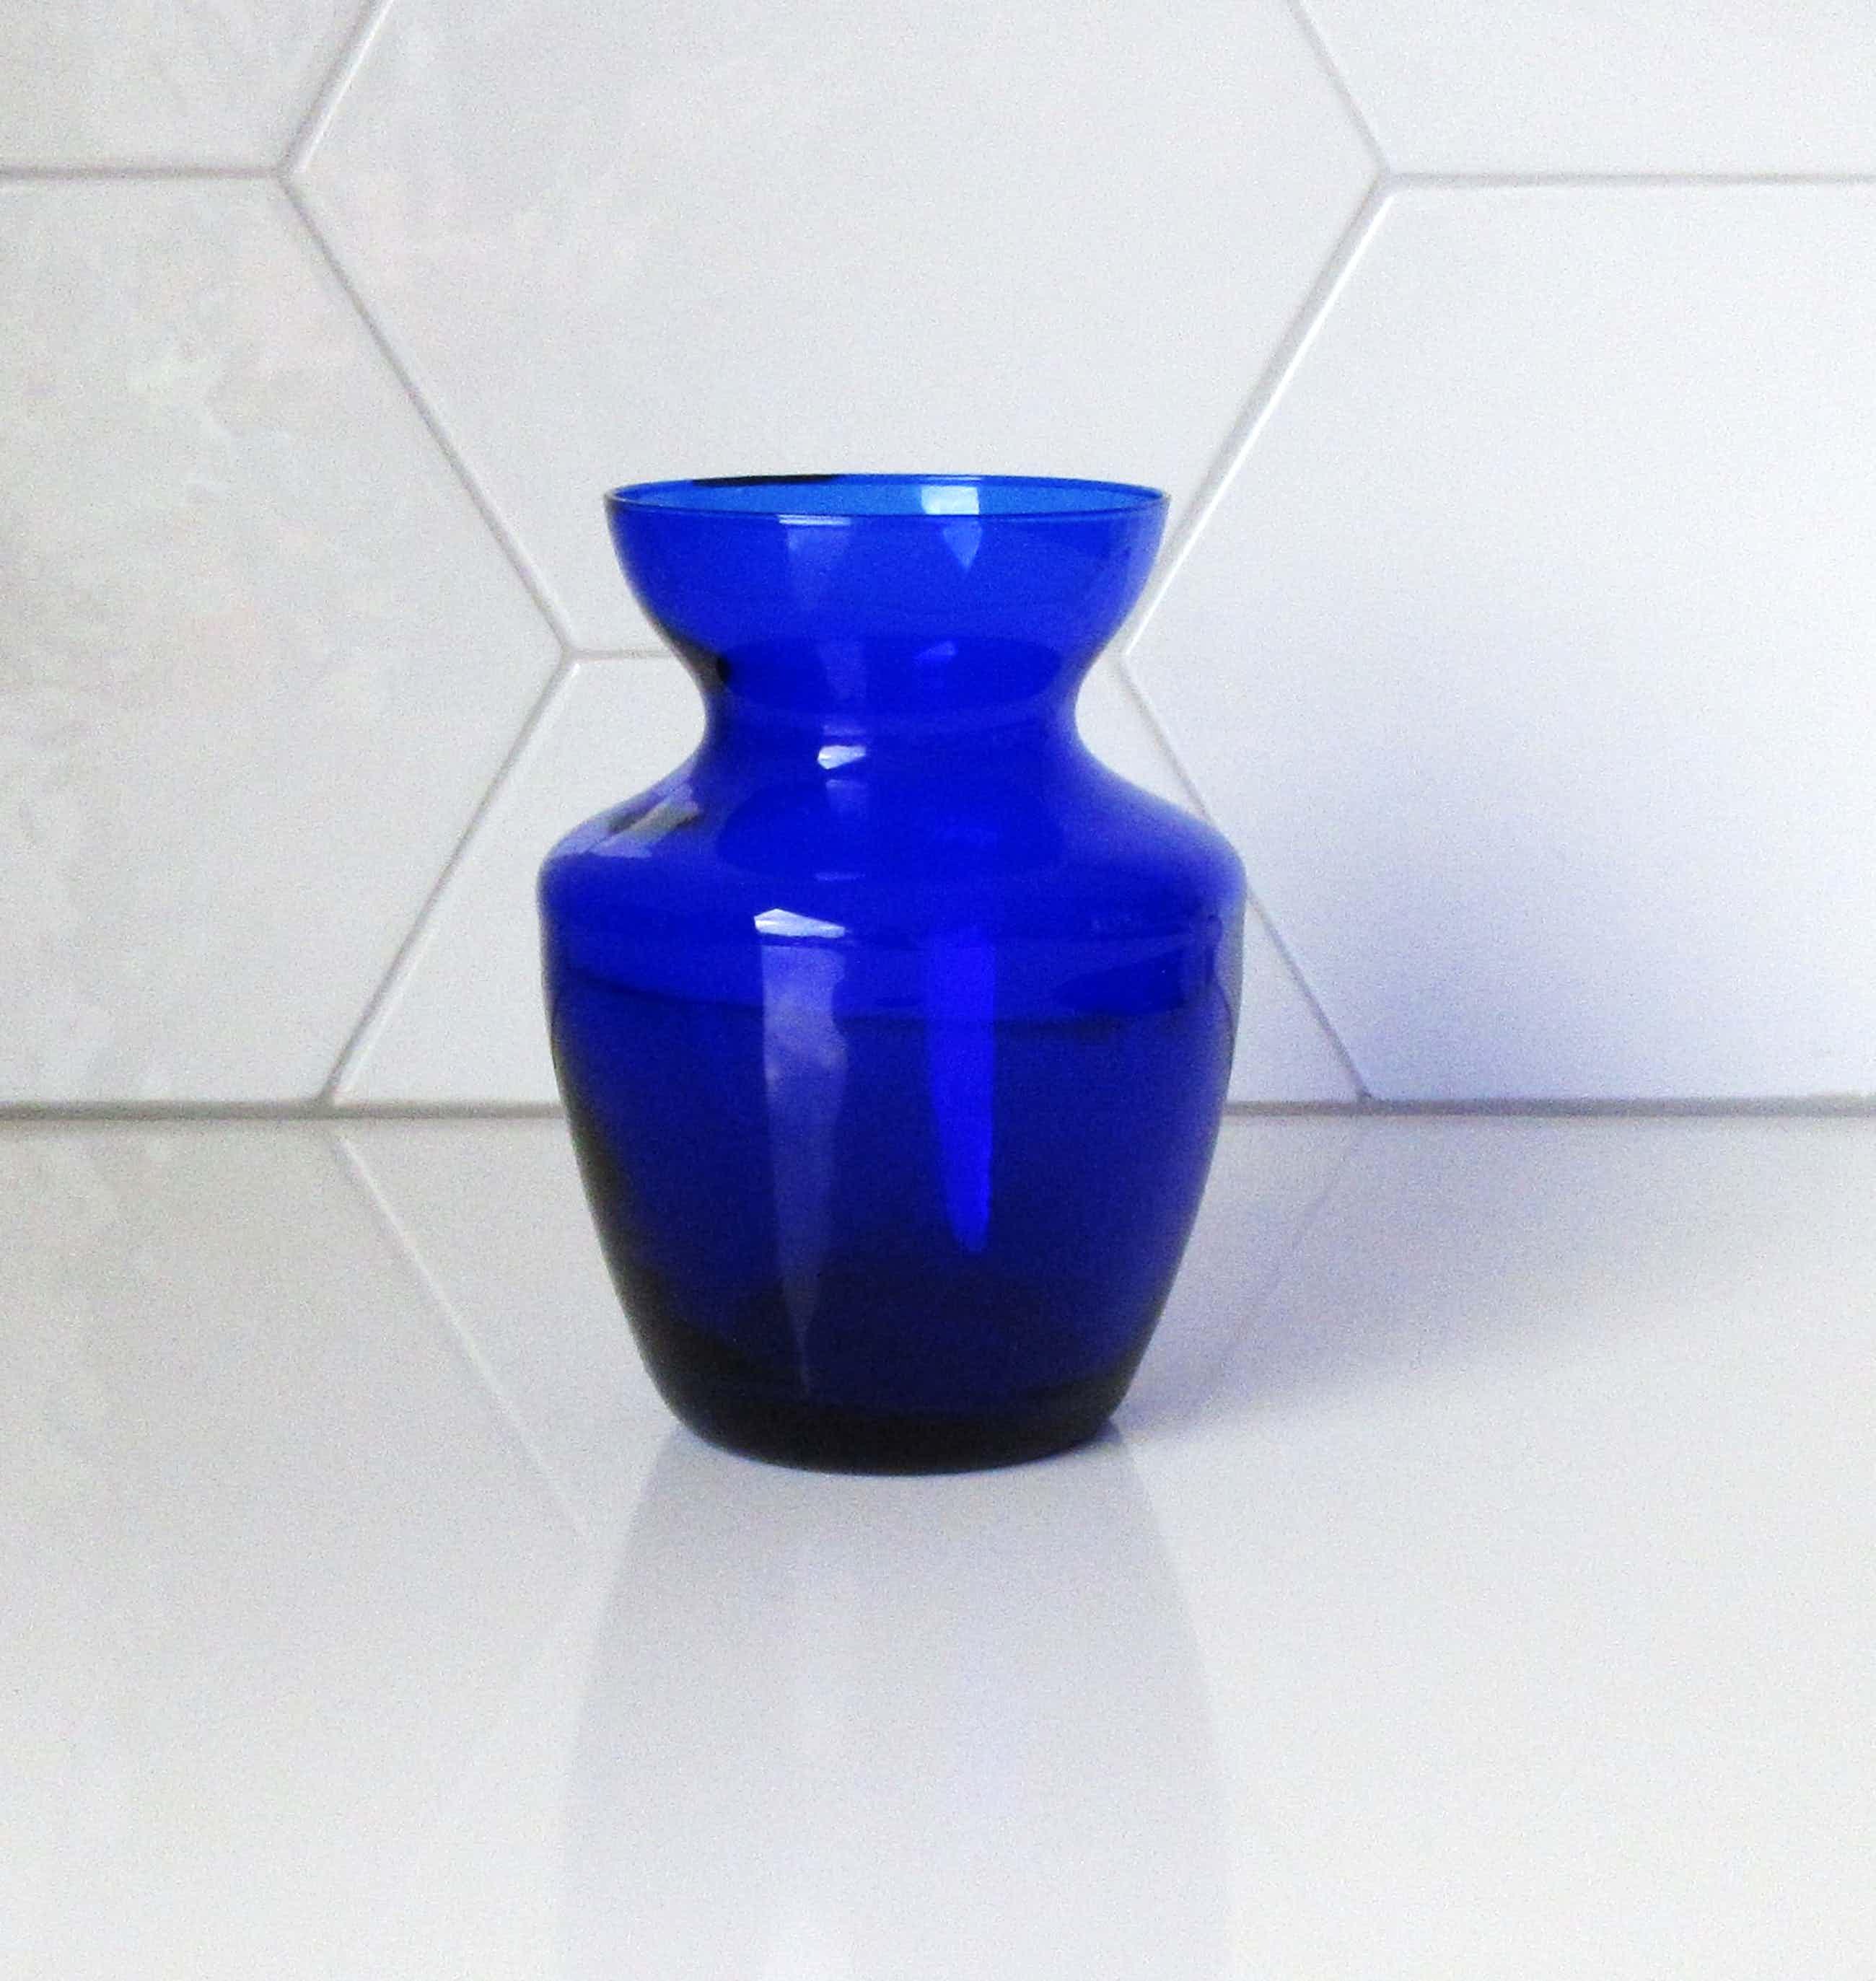 Siem van der Marel - Diepblauw tulpenvaasje - Royal Leerdam kopen? Bied vanaf 25!